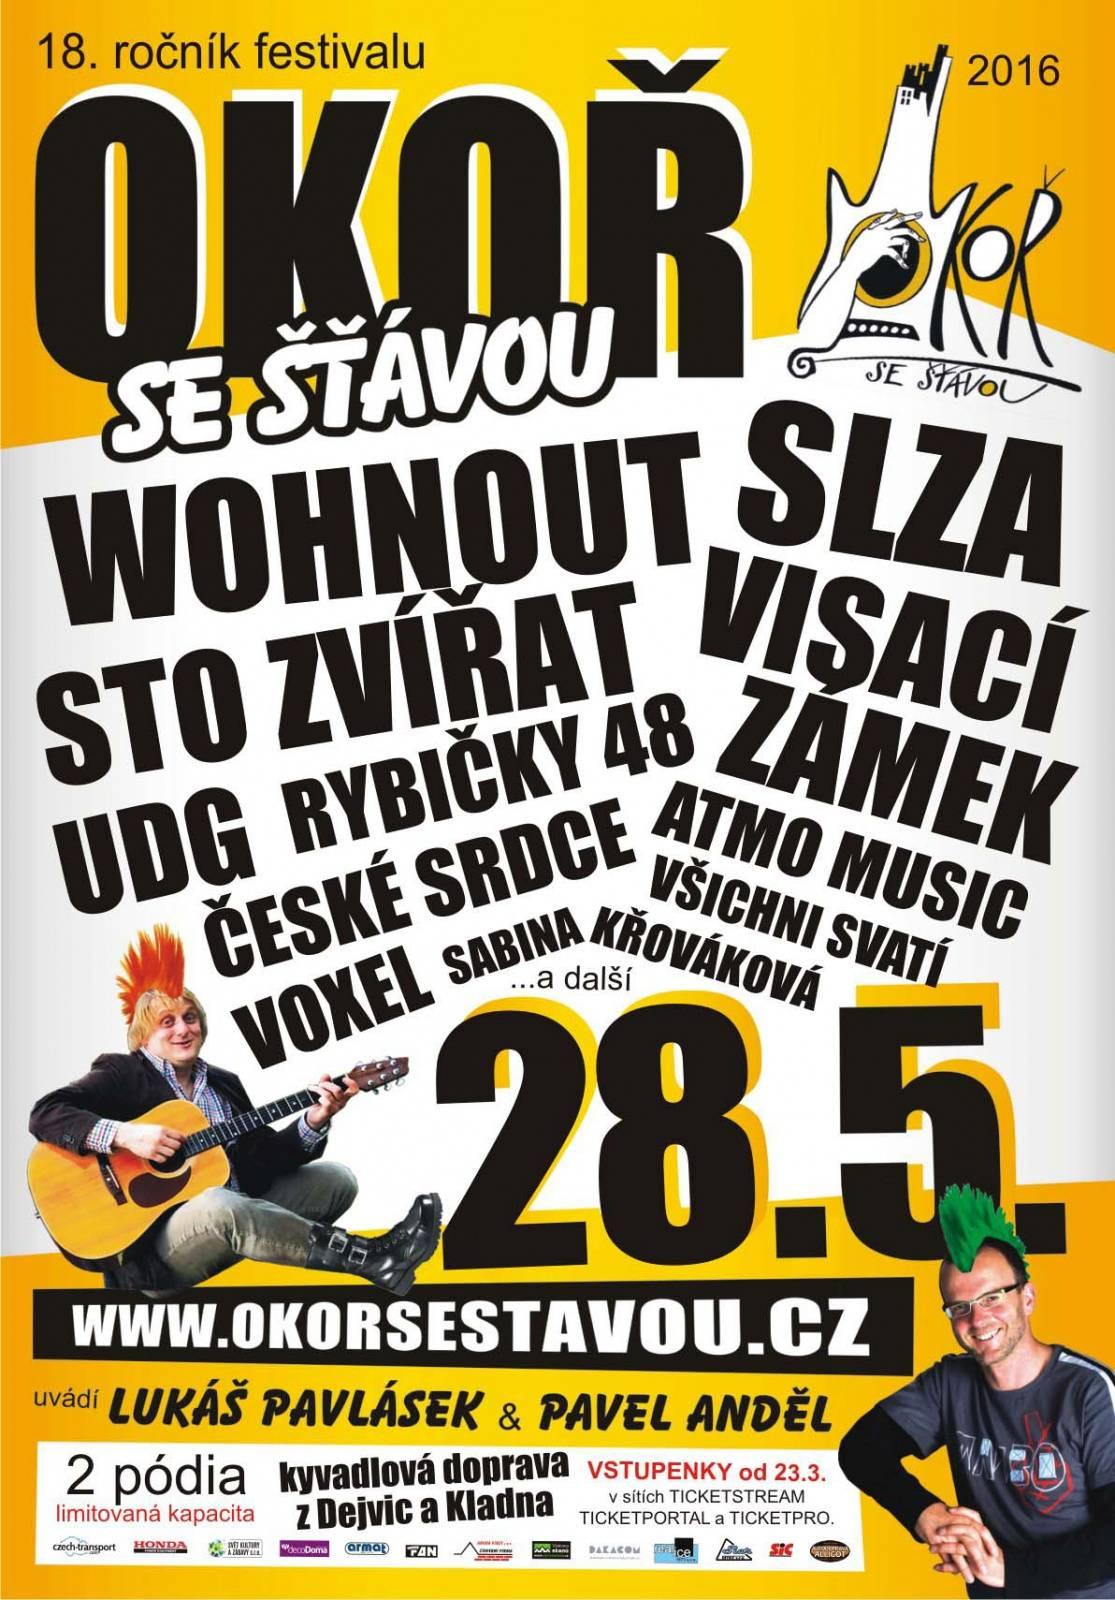 Okoř se šťávou představuje program: Vystoupí Slza, ATMO Music, Rybičky 48, UDG, Voxel, Wohnout i Visací zámek